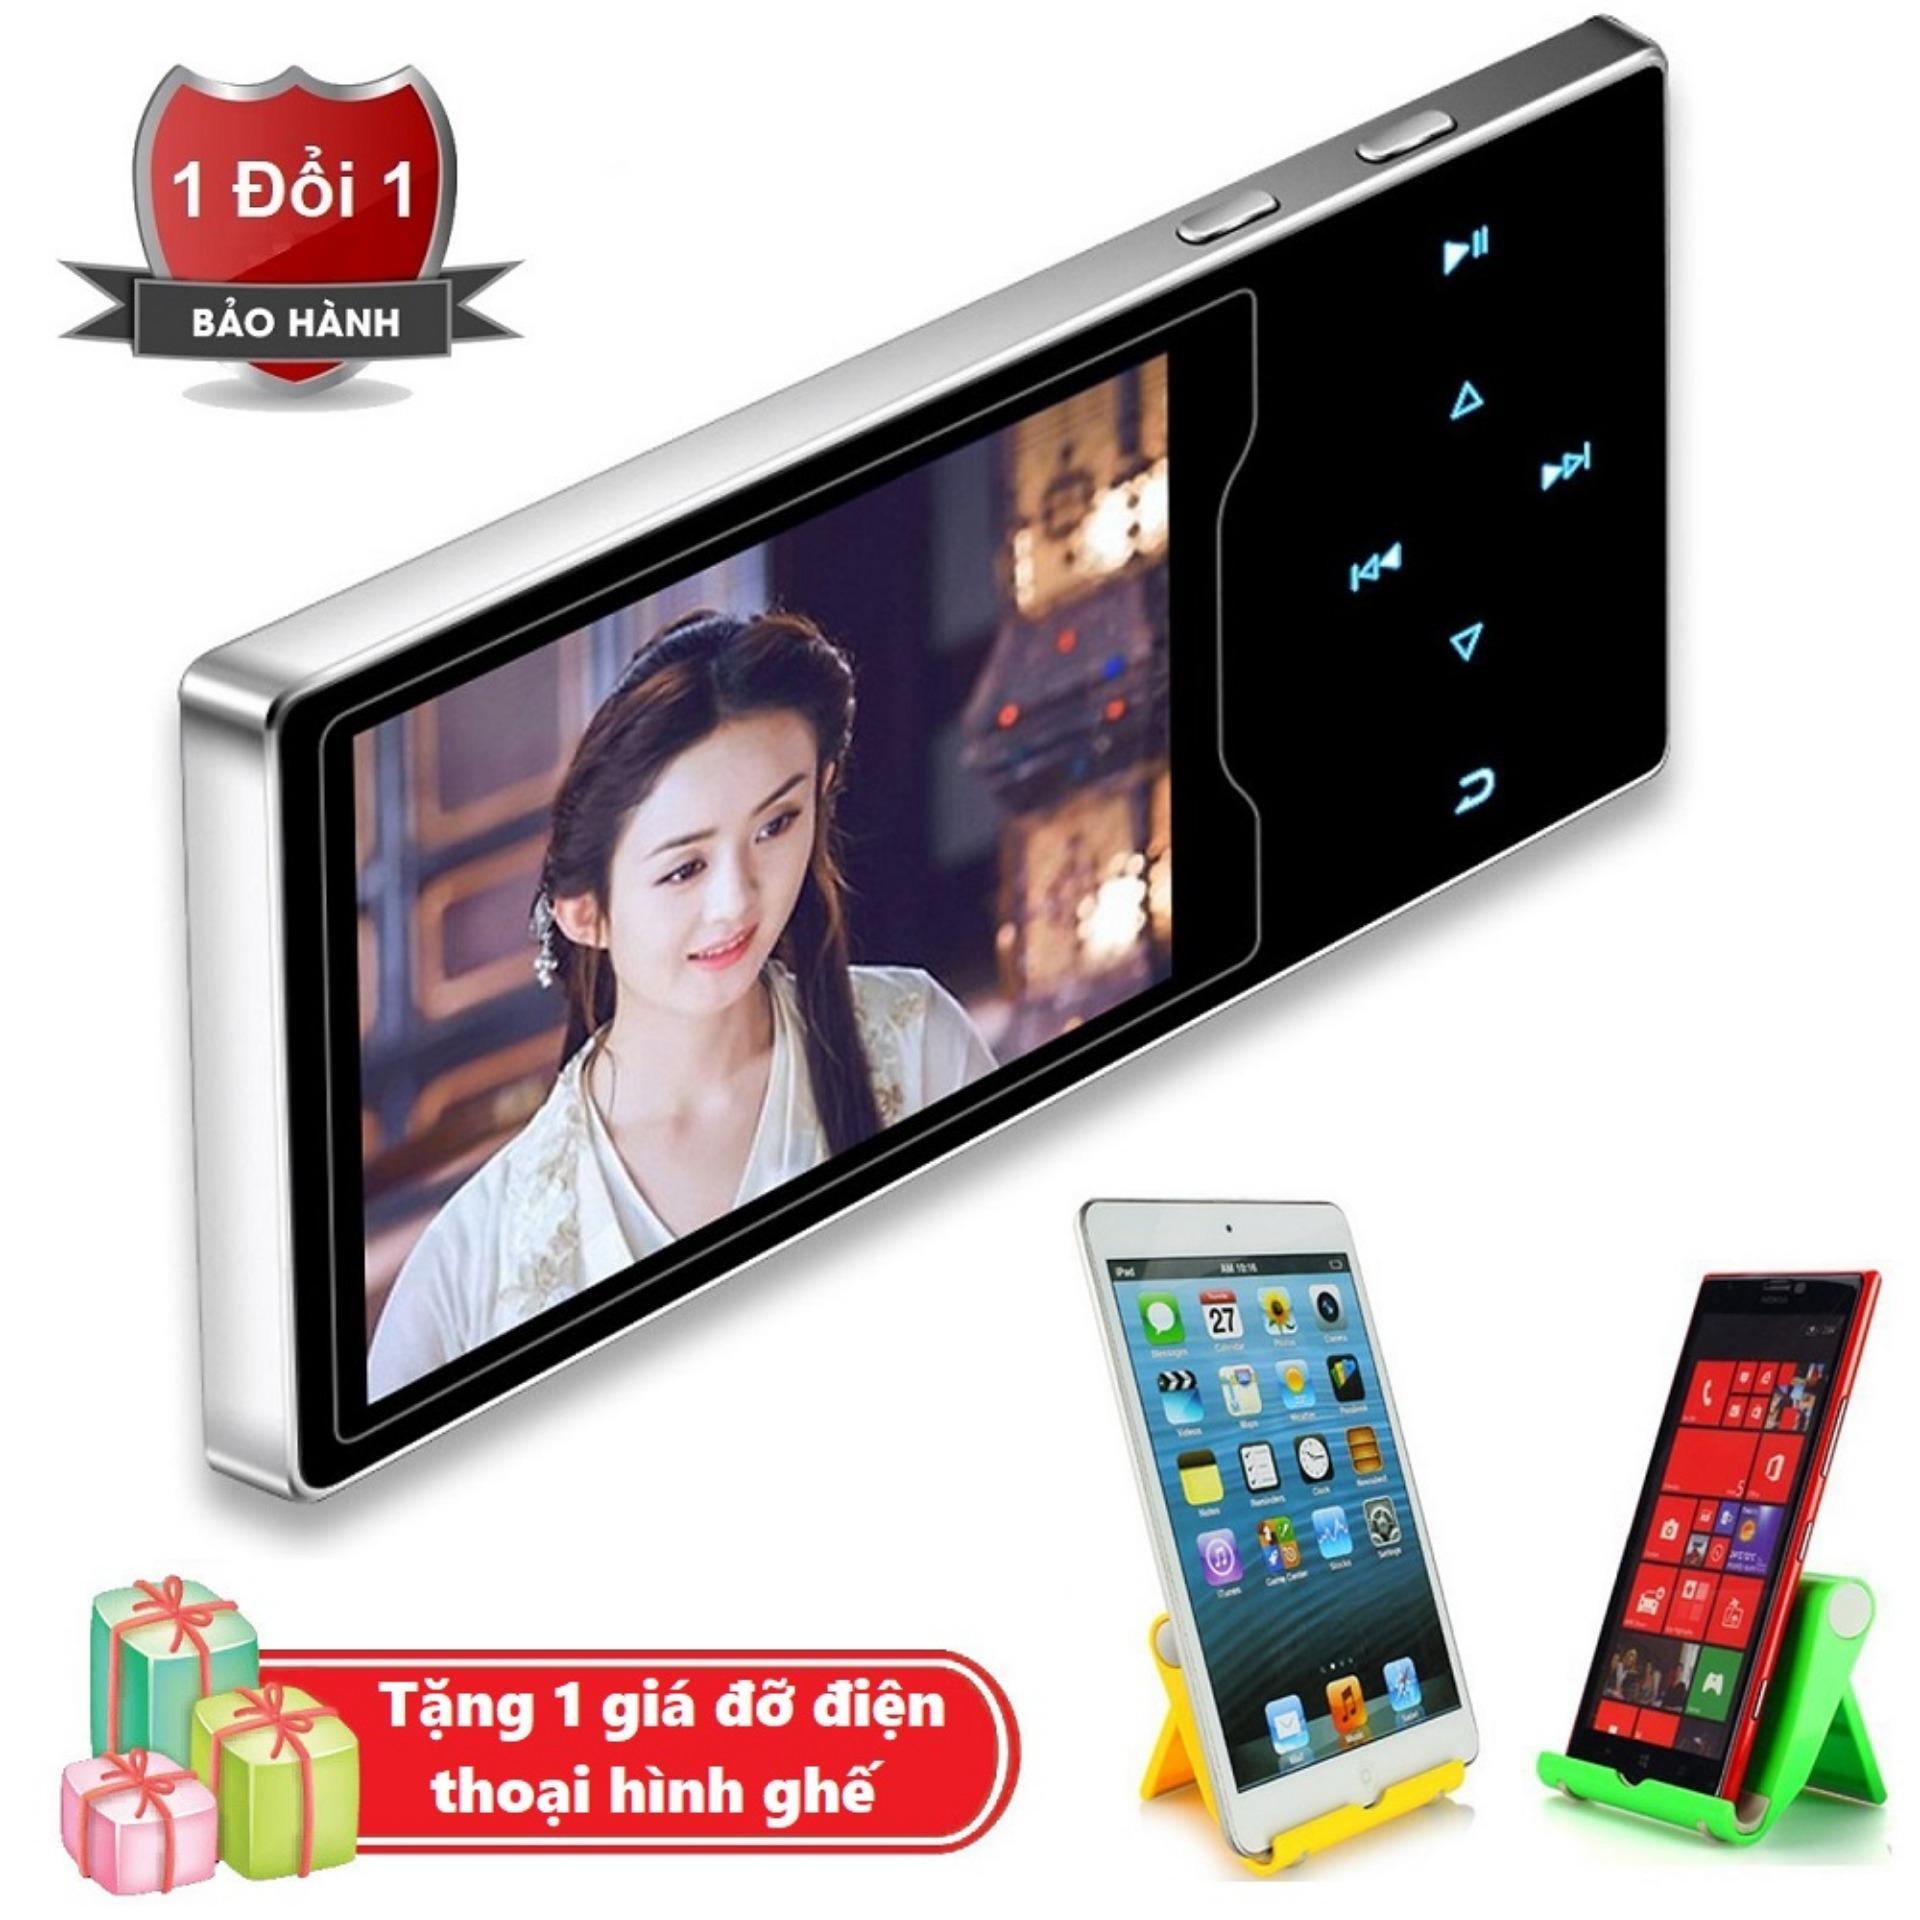 Máy nghe nhạc Ruizu D08 cao cấp màn hình HD 2.4 inch Tặng kèm Giá đỡ điện thoại hình ghế